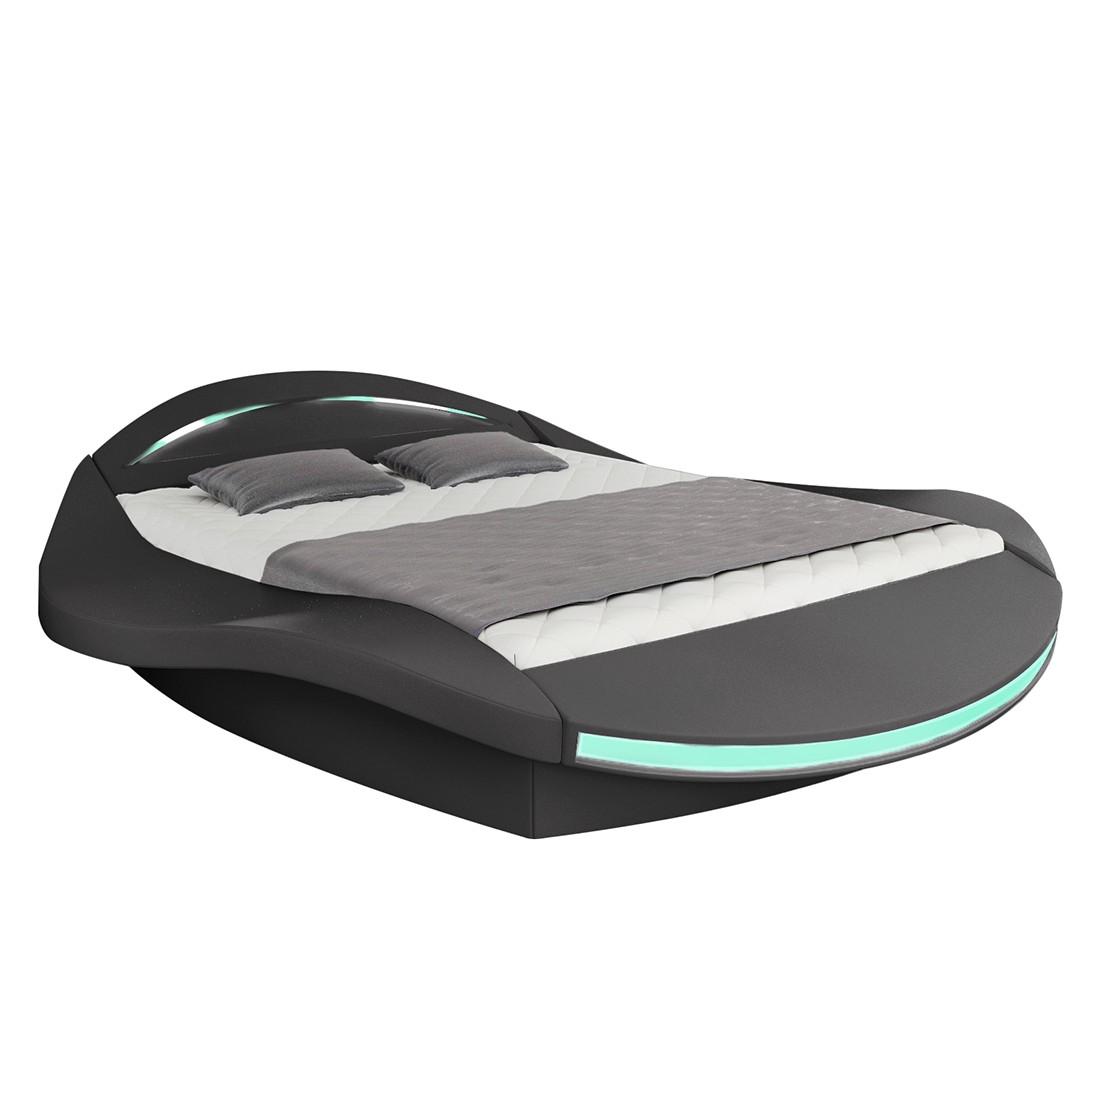 goedkoop energie A+ Gestoffeerd bed Butterfly kunstleer 140 x 200cm Bedframe zonder matras & lattenbodem Zwart roomscape